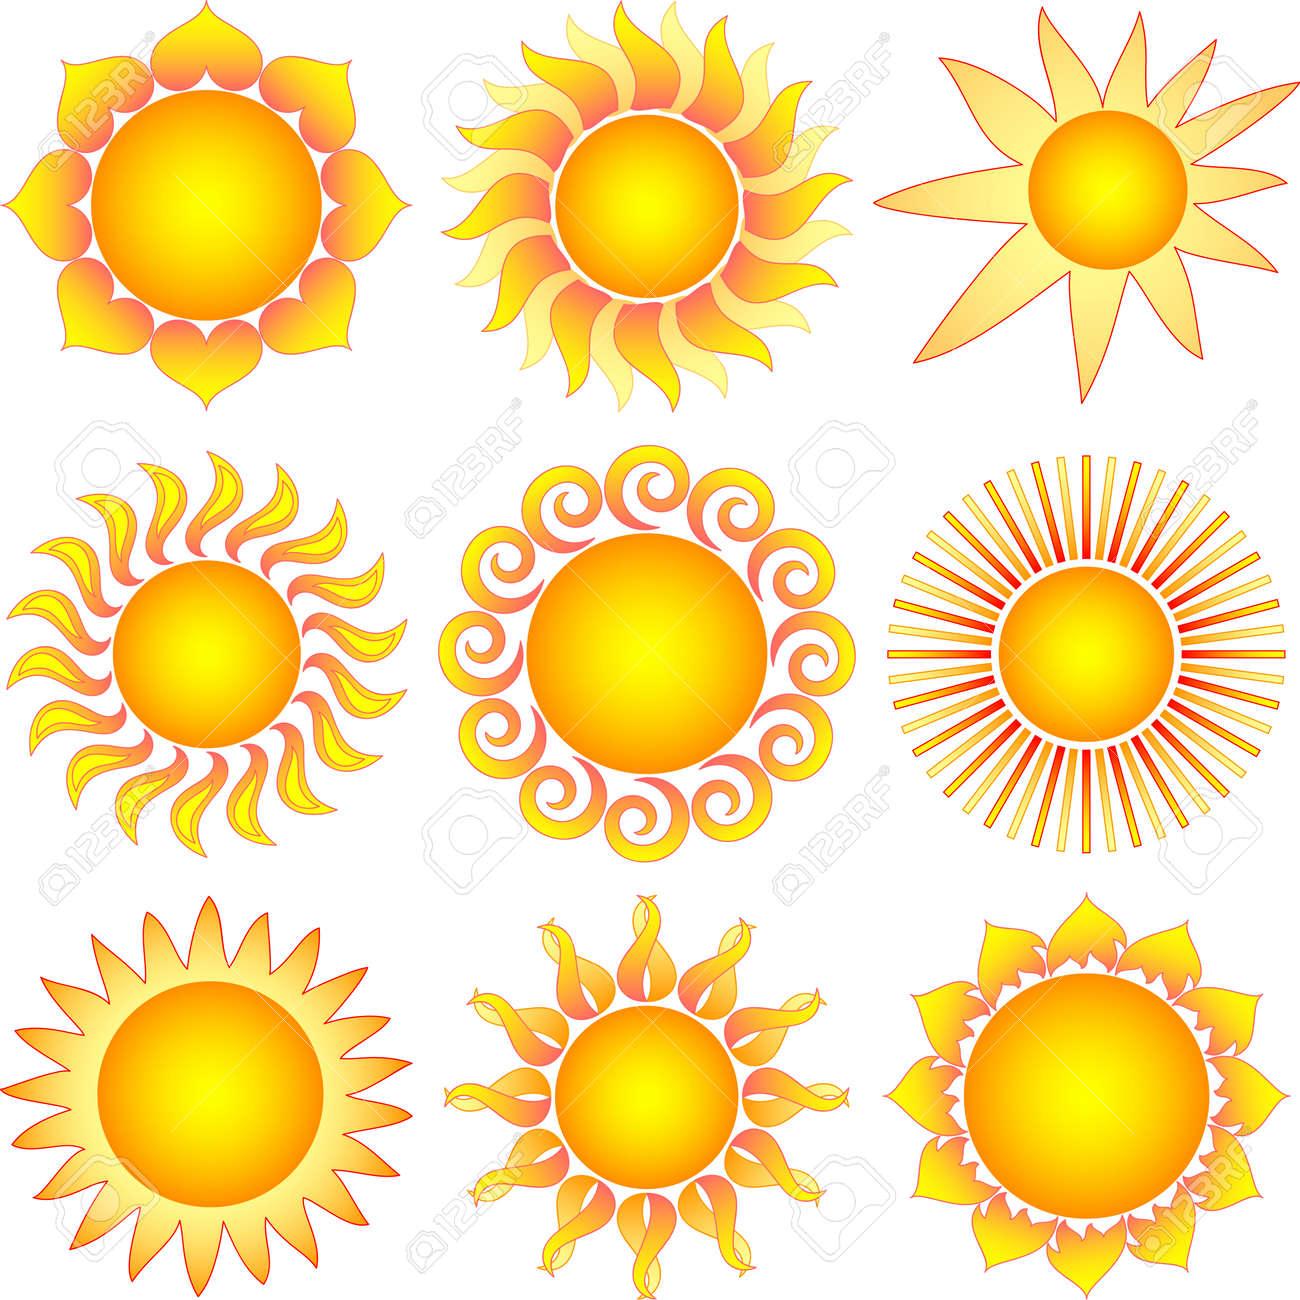 sun collection Stock Vector - 8090744